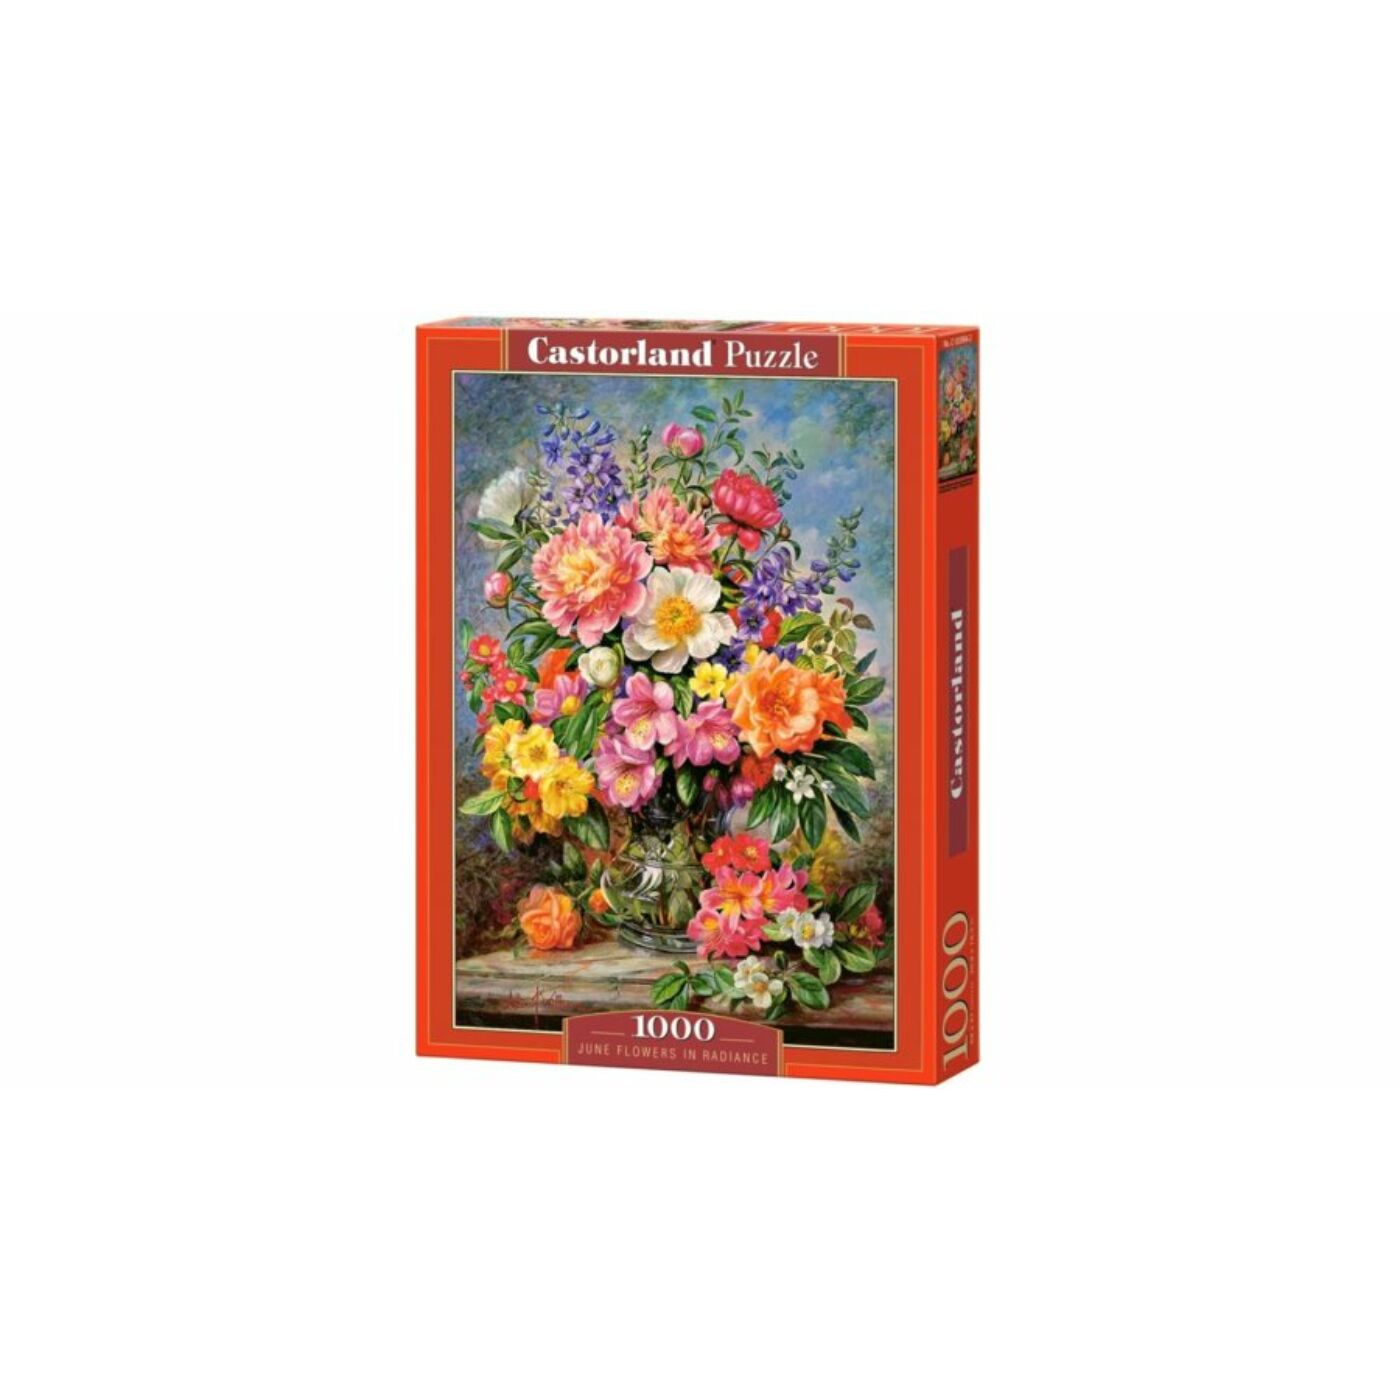 1000 db-os Castorland Puzzle - Júniusi virágok